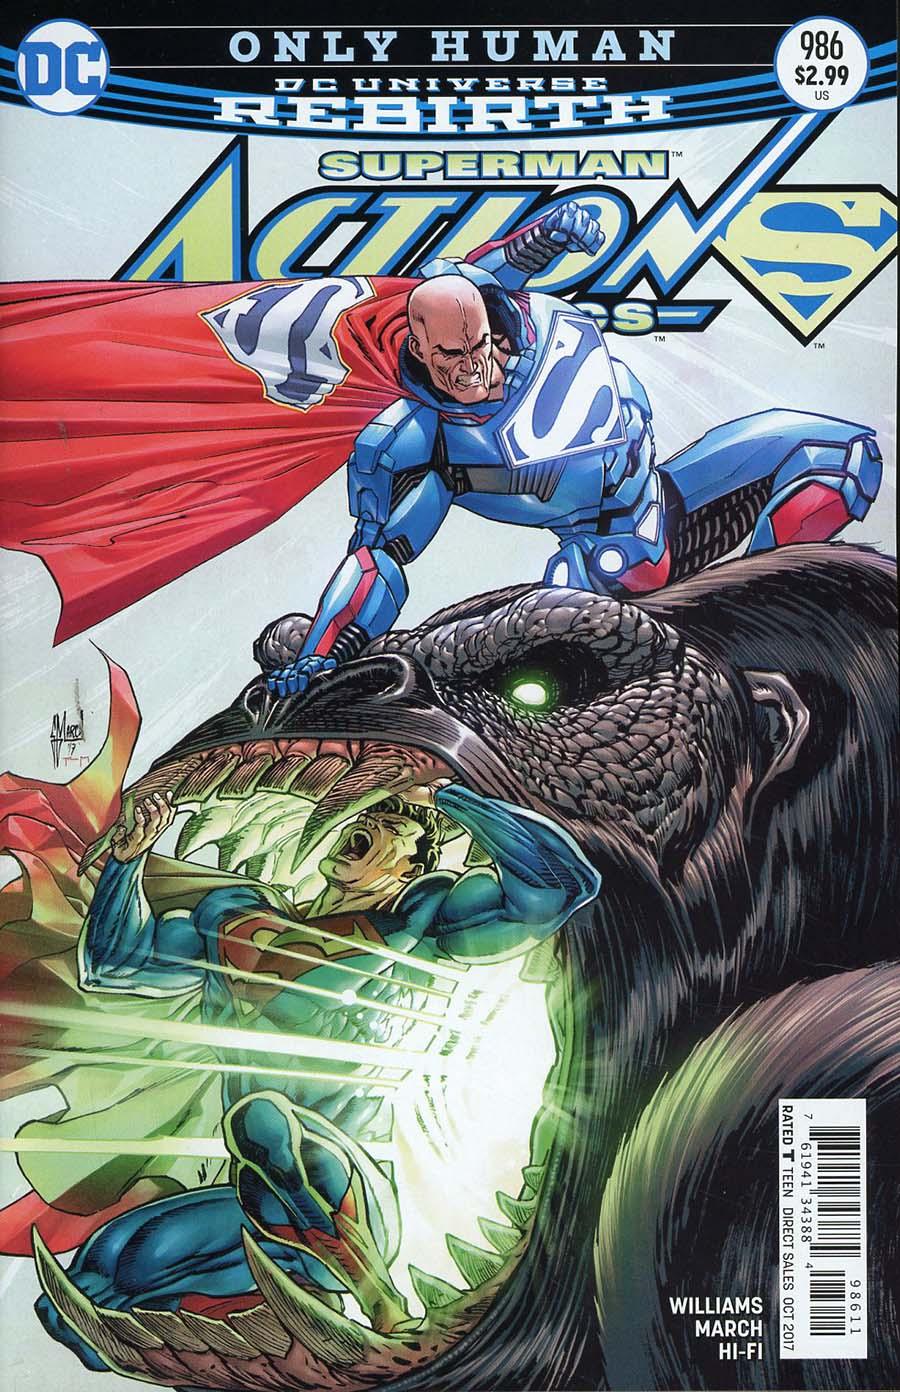 Action Comics Vol 2 #986 Cover A Regular Guillem March Cover